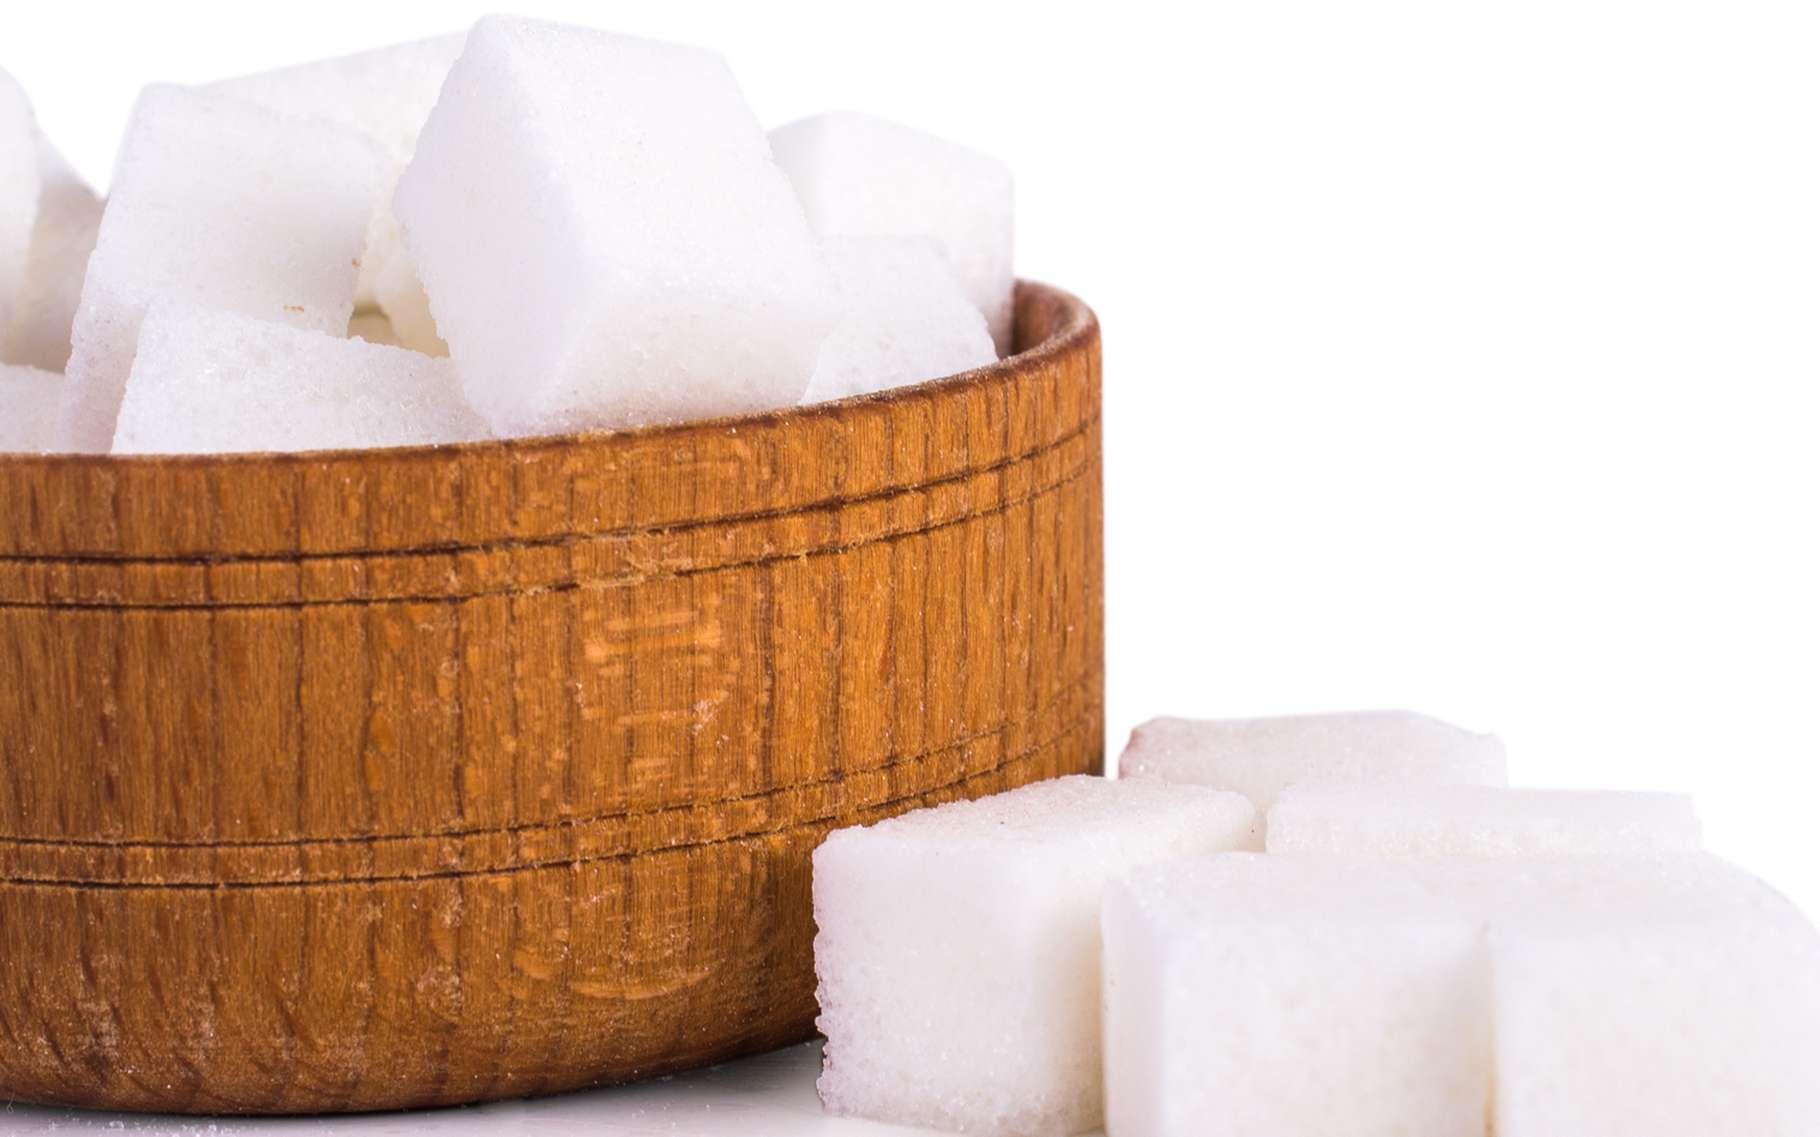 La fabrication du sucre est tout un art. La France est le 10e producteur de sucre au monde. En 2015-2016, pas moins de 3 millions de tonnes de sucre ont été utilisées dans notre pays et la filière a généré un chiffre d'affaire de quelque 4,3 milliards d'euros. © MsMaria, Shutterstock